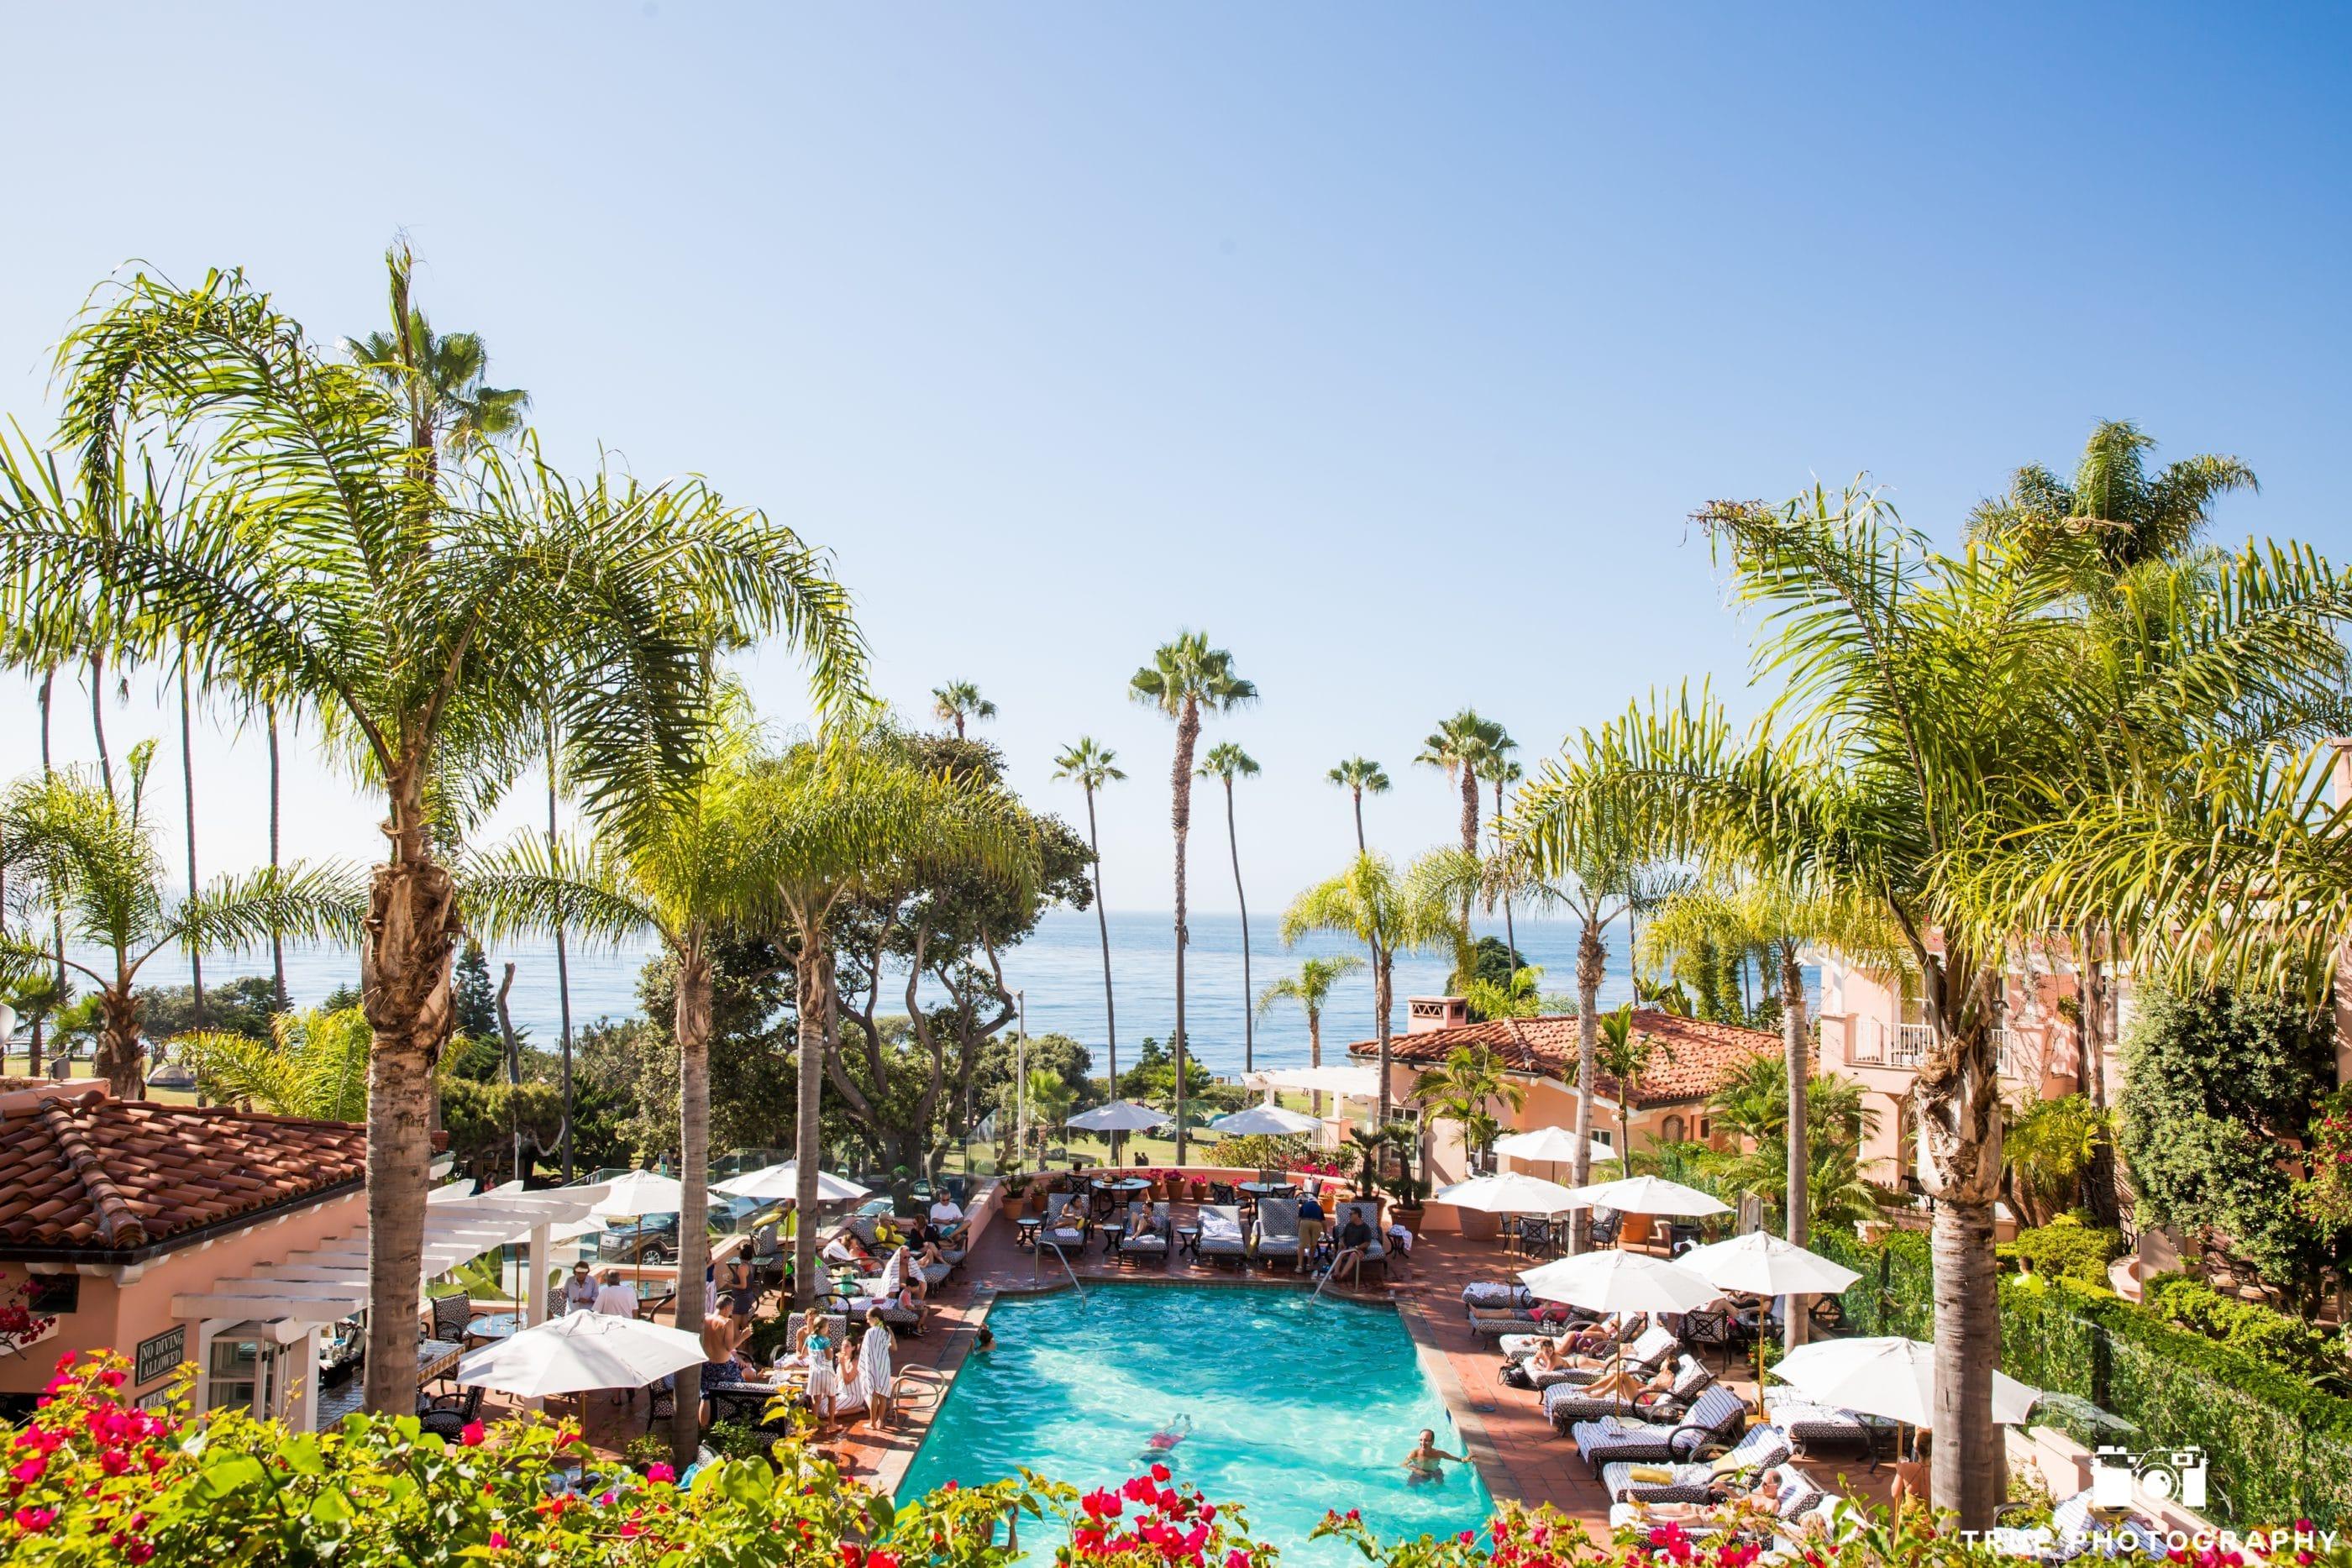 La piscine de La Valencia entourée de chaises longues, surplombe la crique de La Jolla.